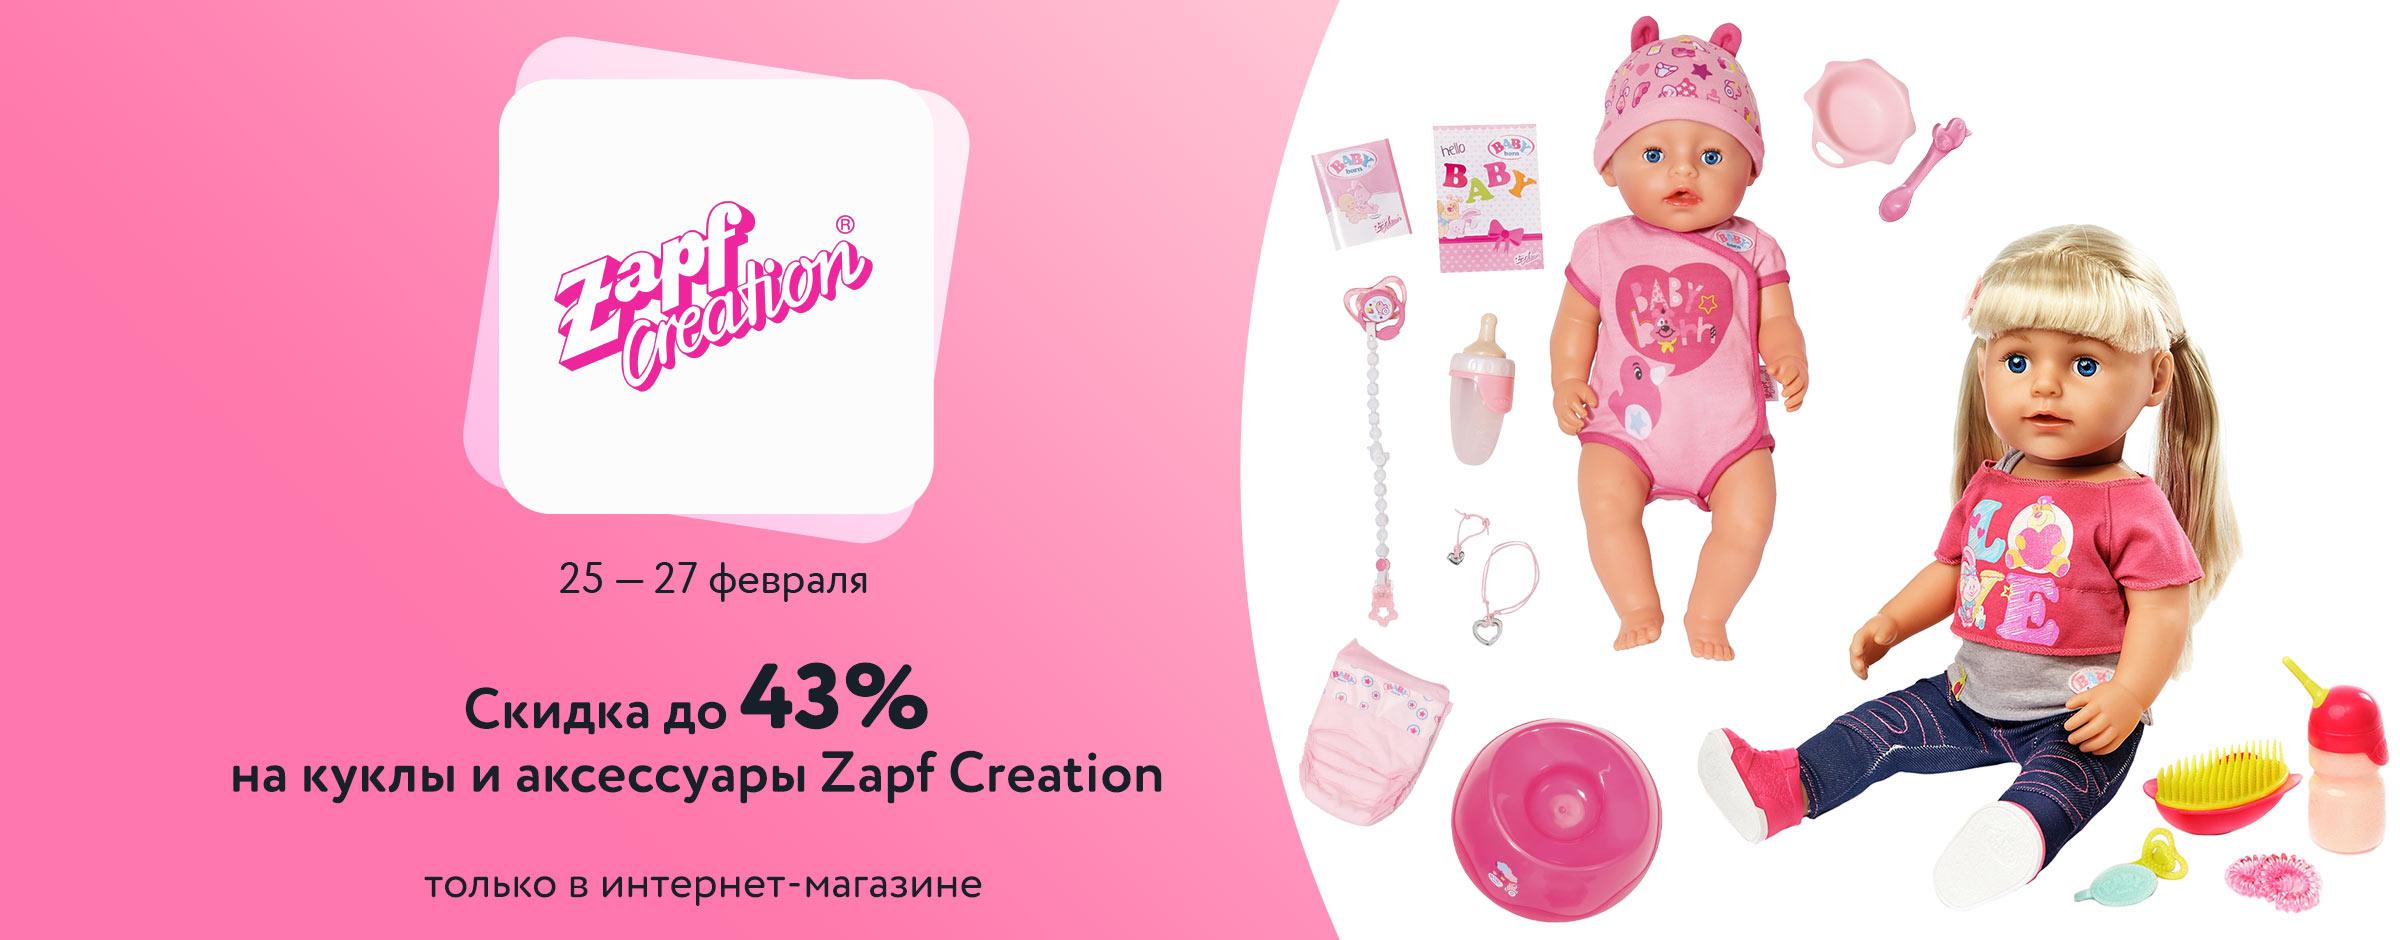 Скидка до 43% на куклы и аксессуары Zapf Creation Кибер